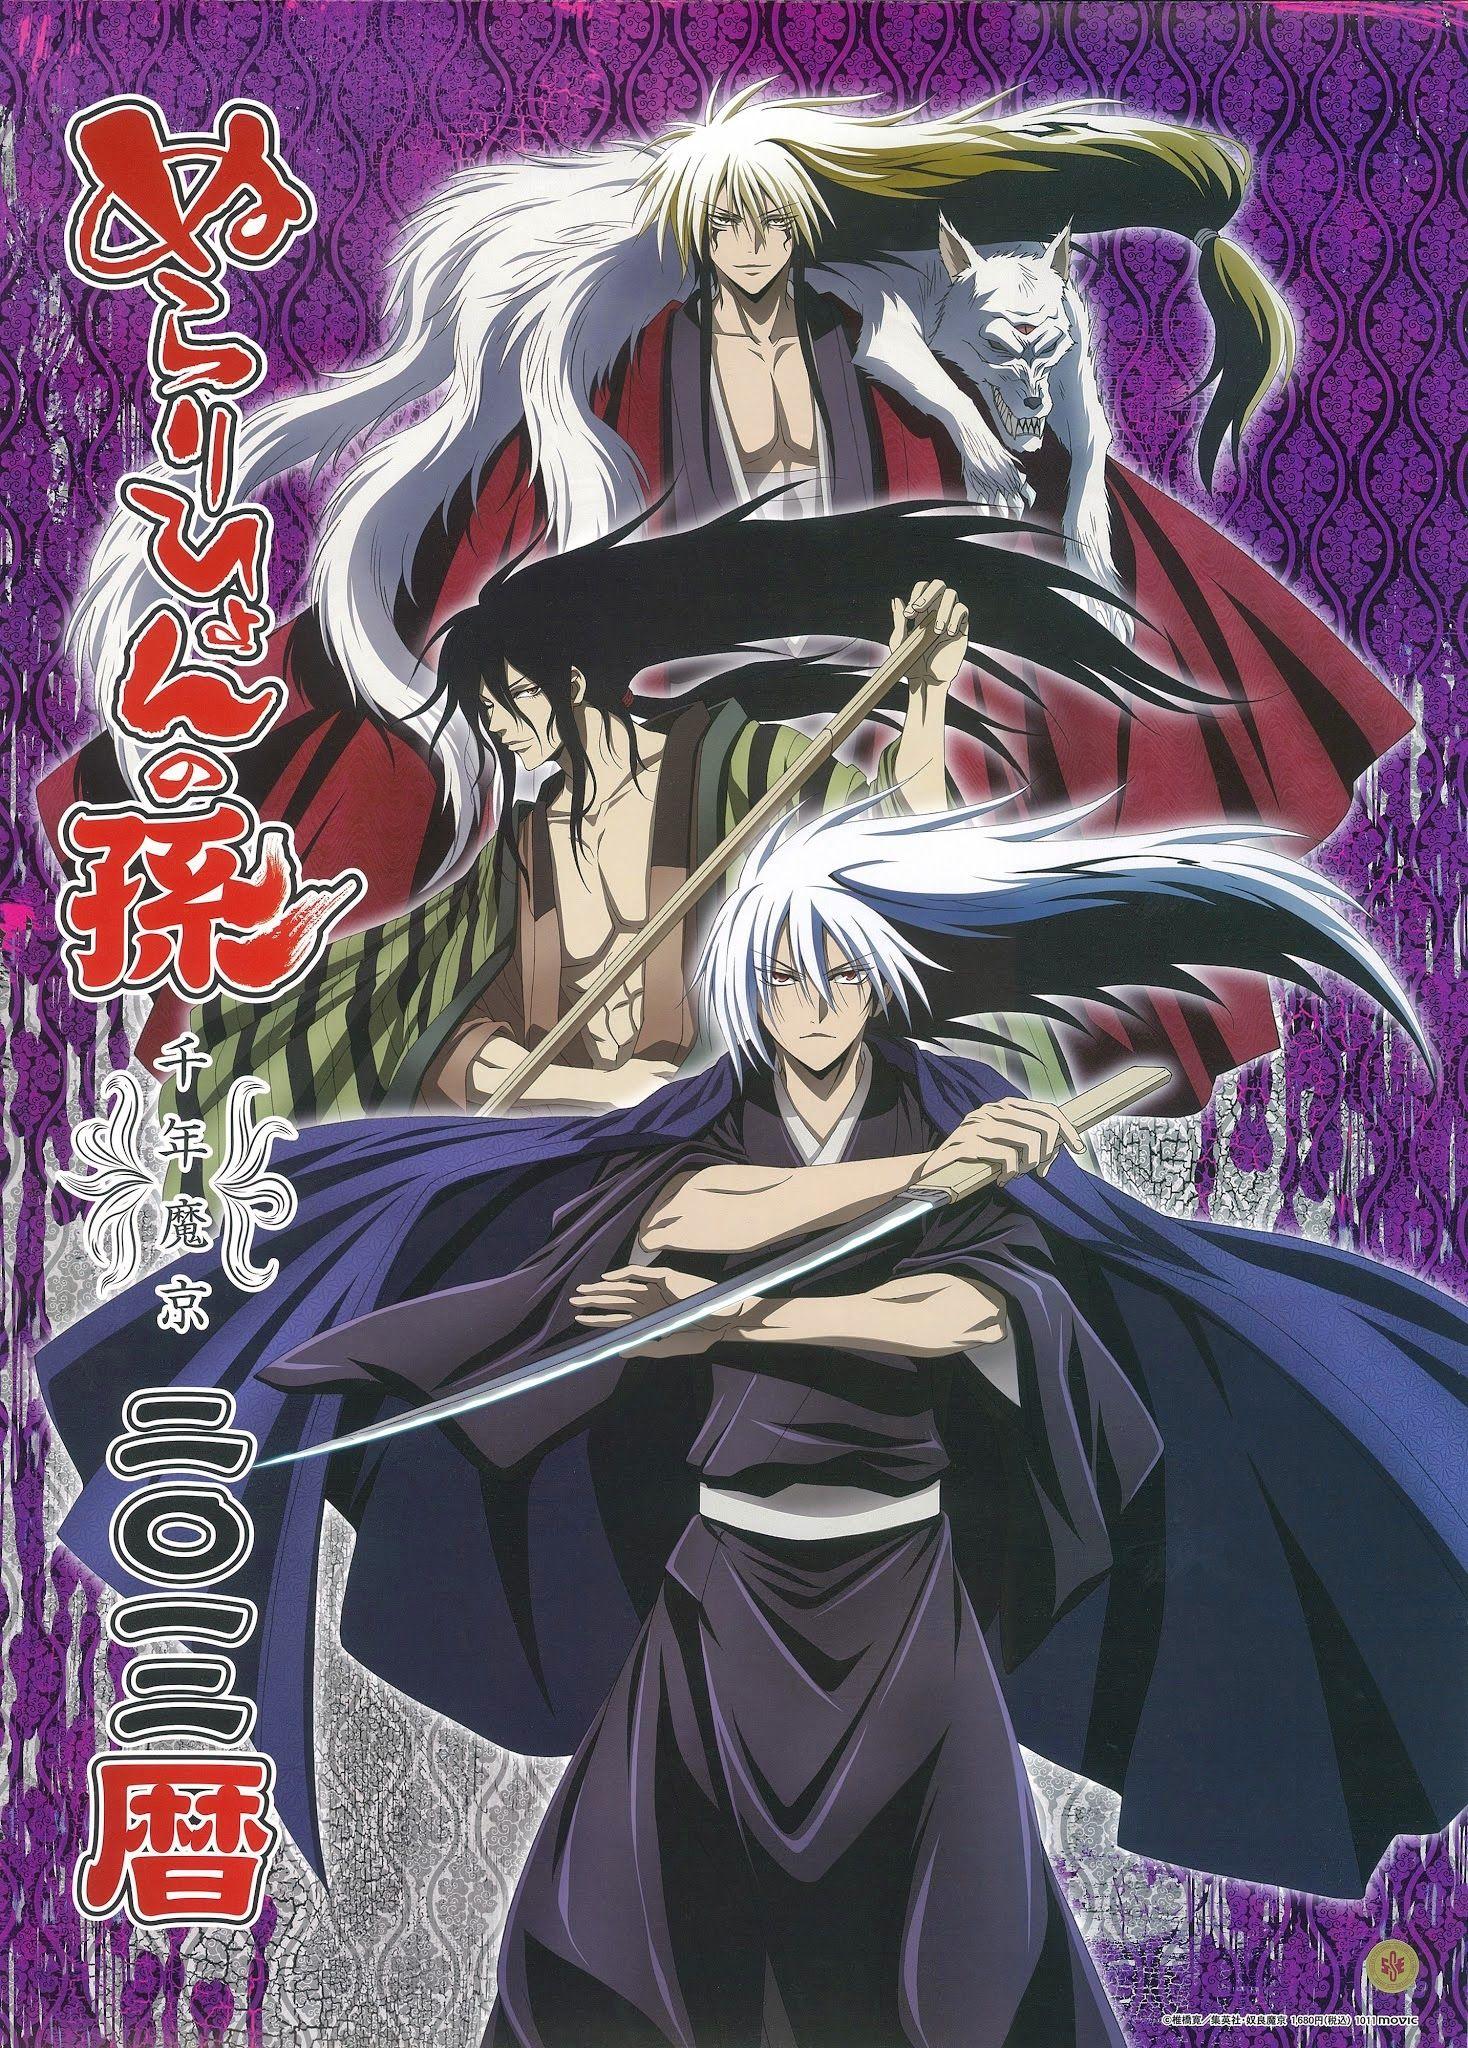 Nurarihyon Rihan And Night Rikuo With Images Anime Anime